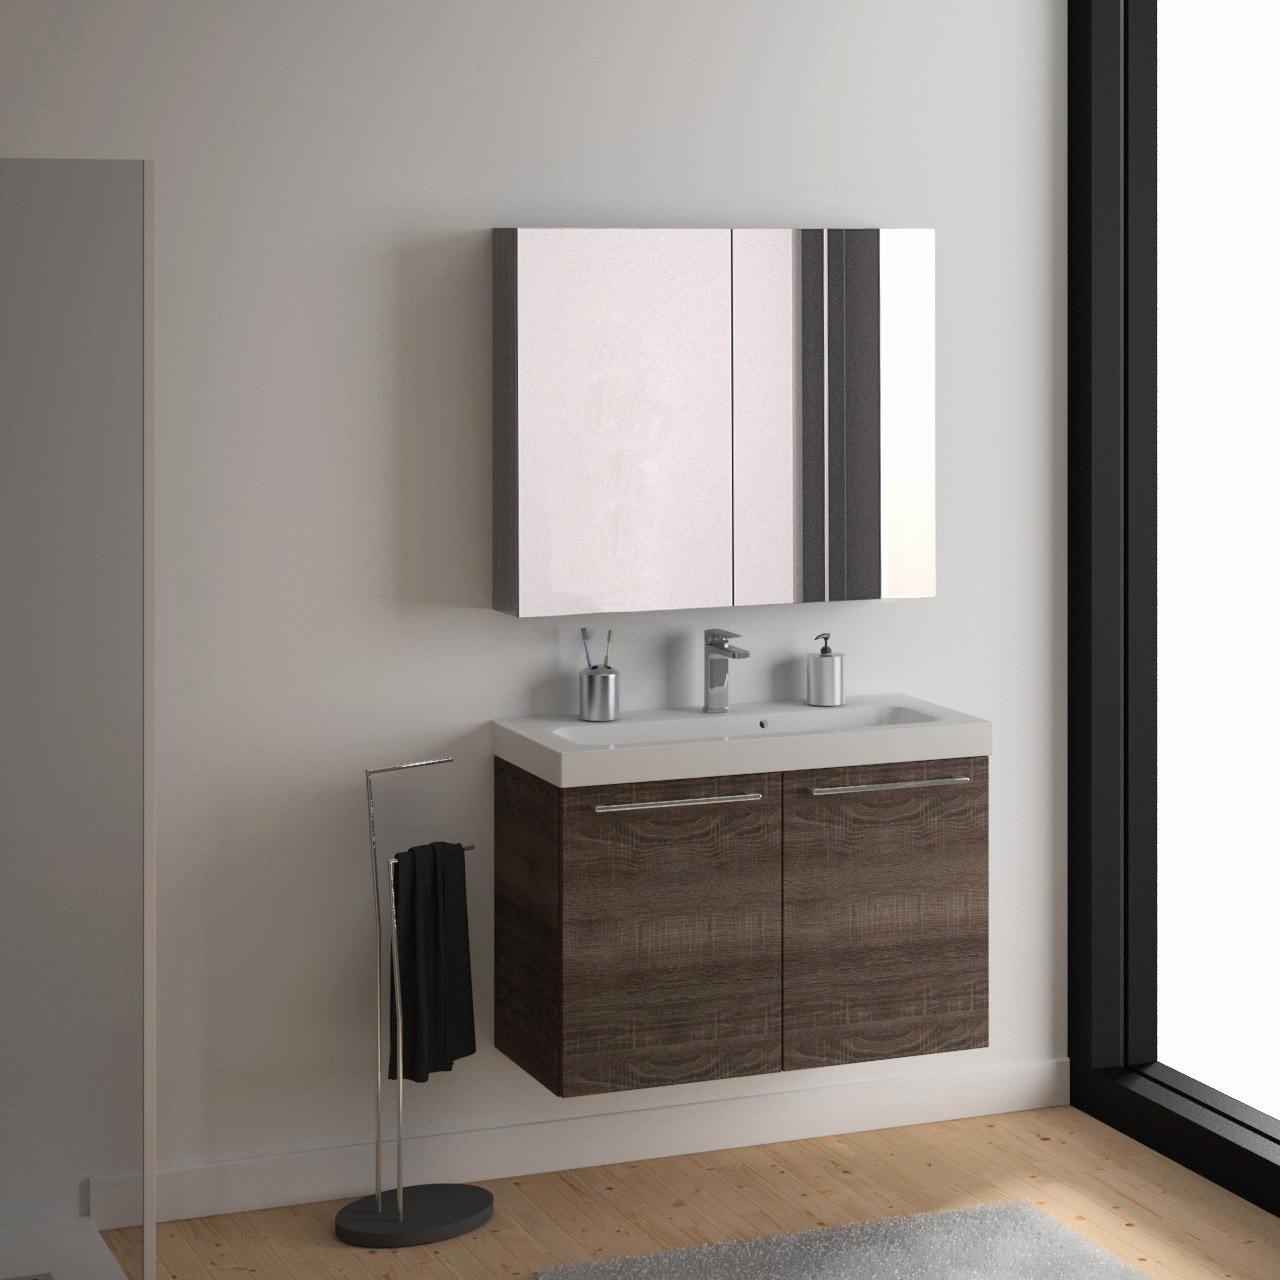 leroy merlin vasque salle de bain luxe photos evier avec. Black Bedroom Furniture Sets. Home Design Ideas